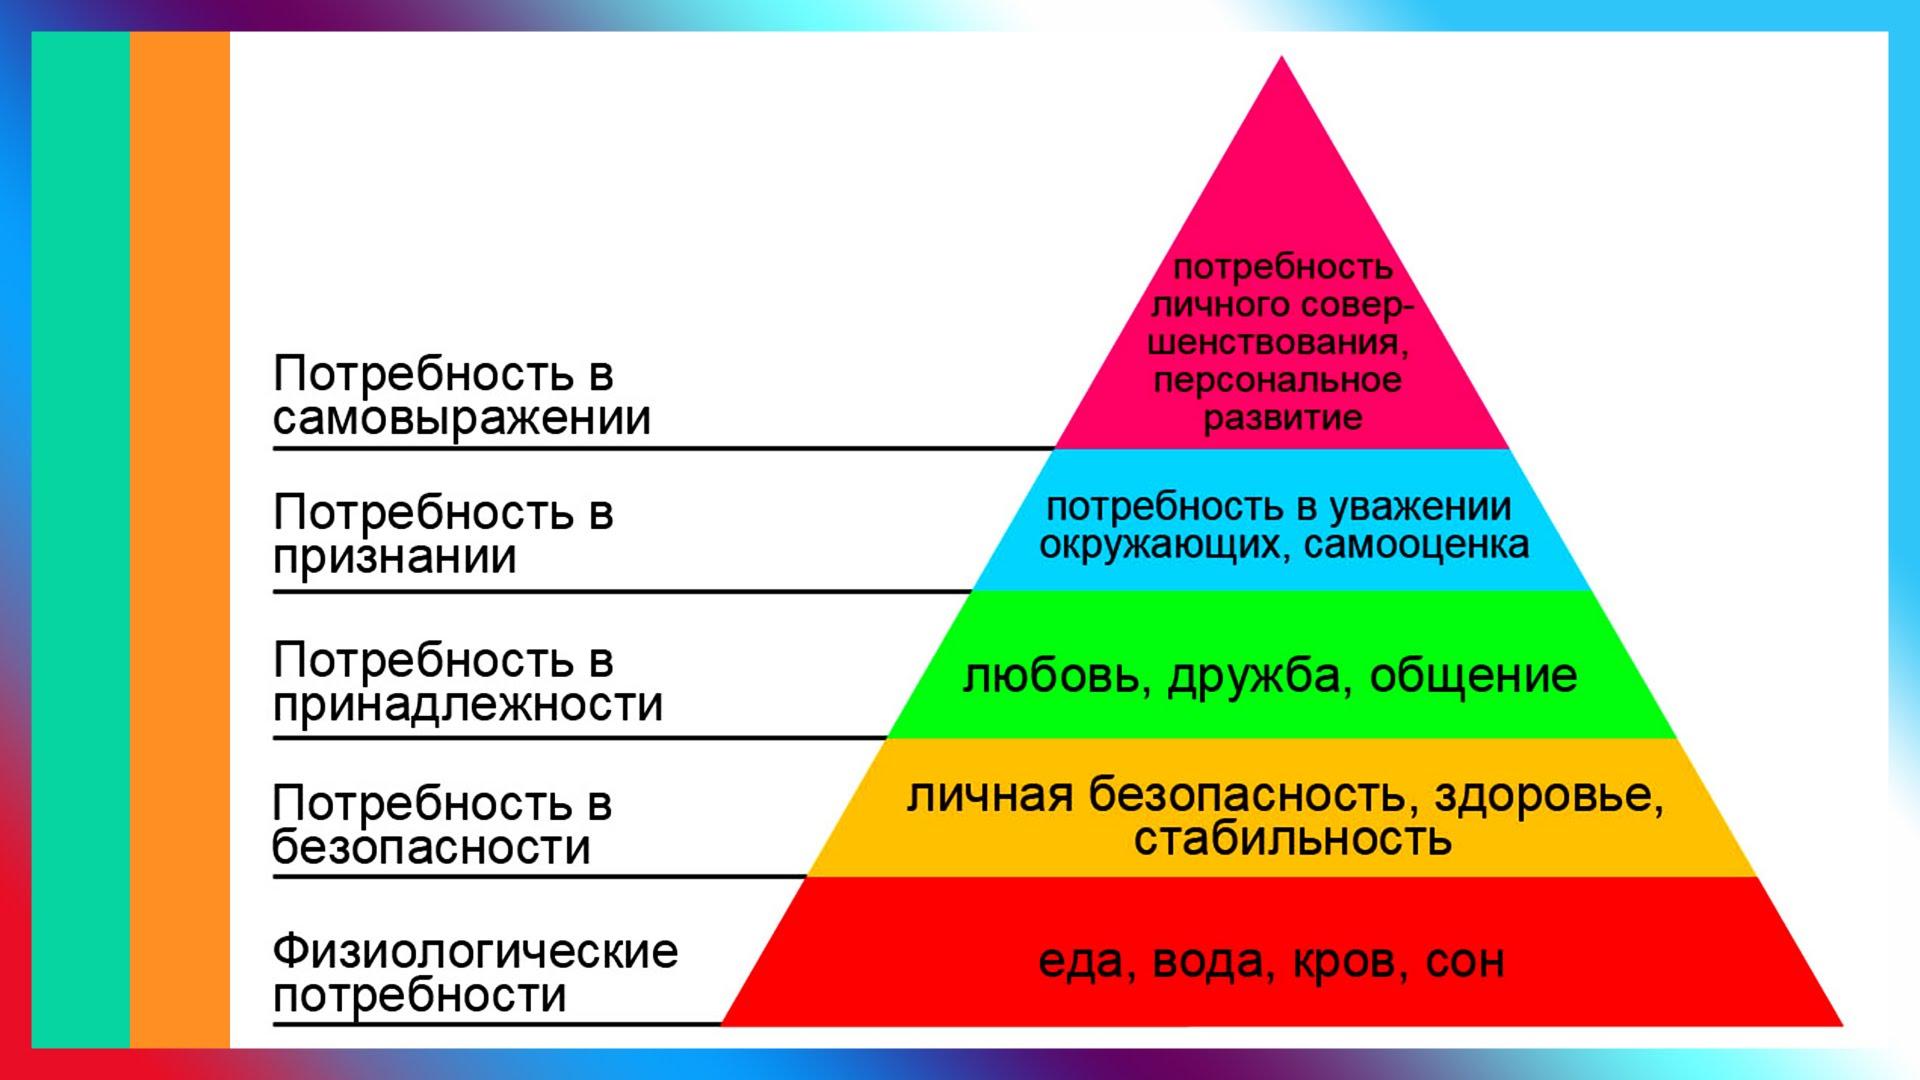 Определение естественных потребностей человека и основные способы их достижения